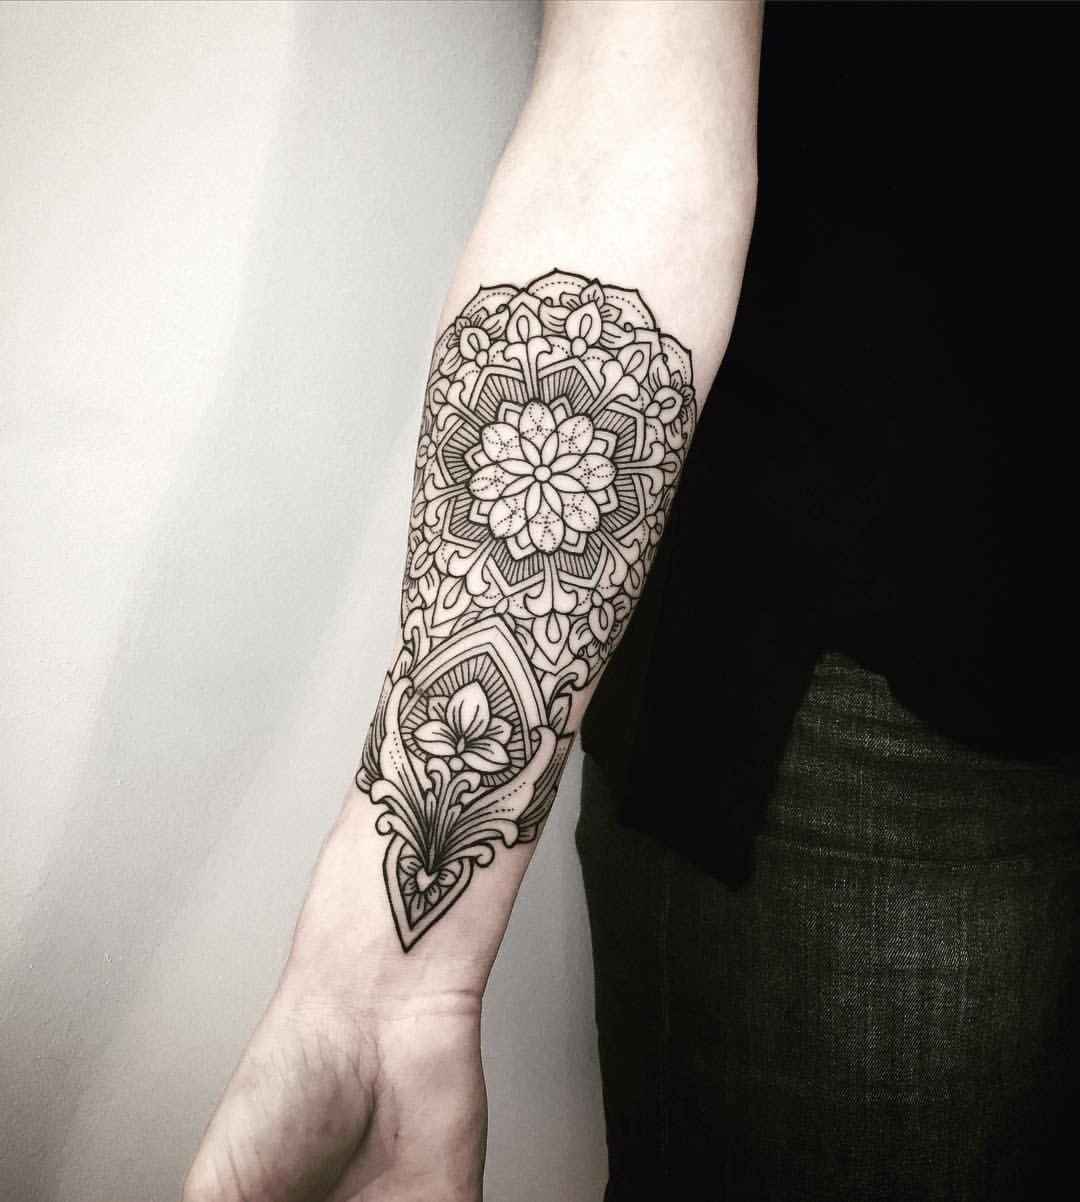 Lower Arm Henna Tattoo: Inside Lower Arm Mandala Pattern Flower Tattoo